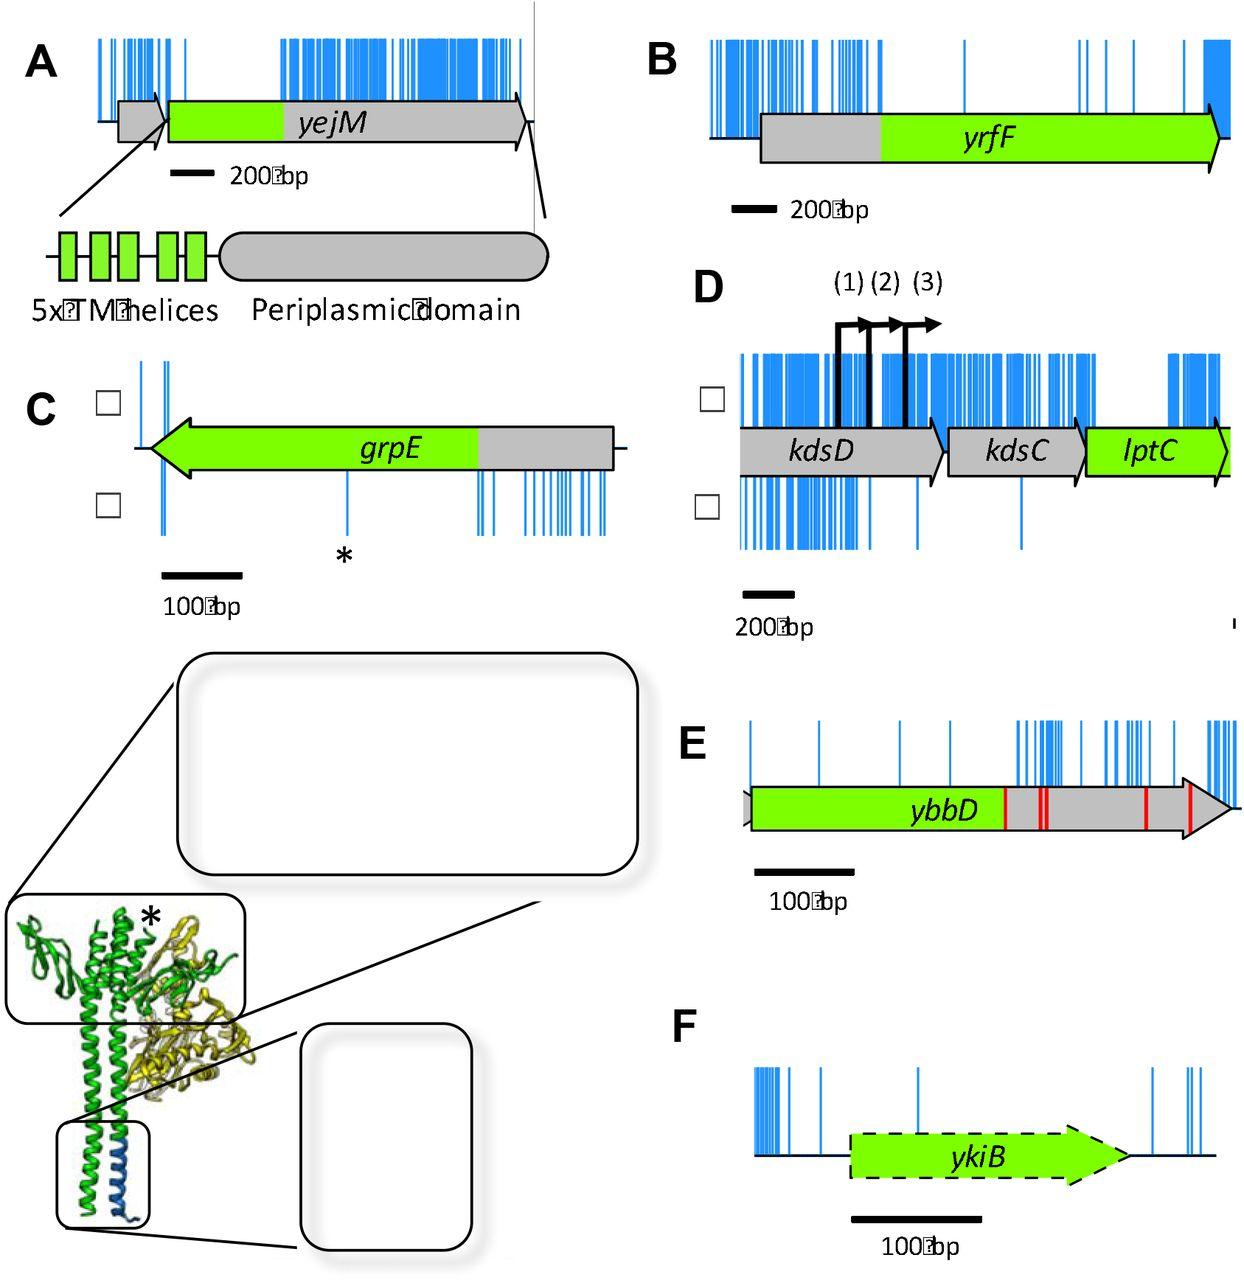 The essential genome of Escherichia coli K-12 | bioRxiv